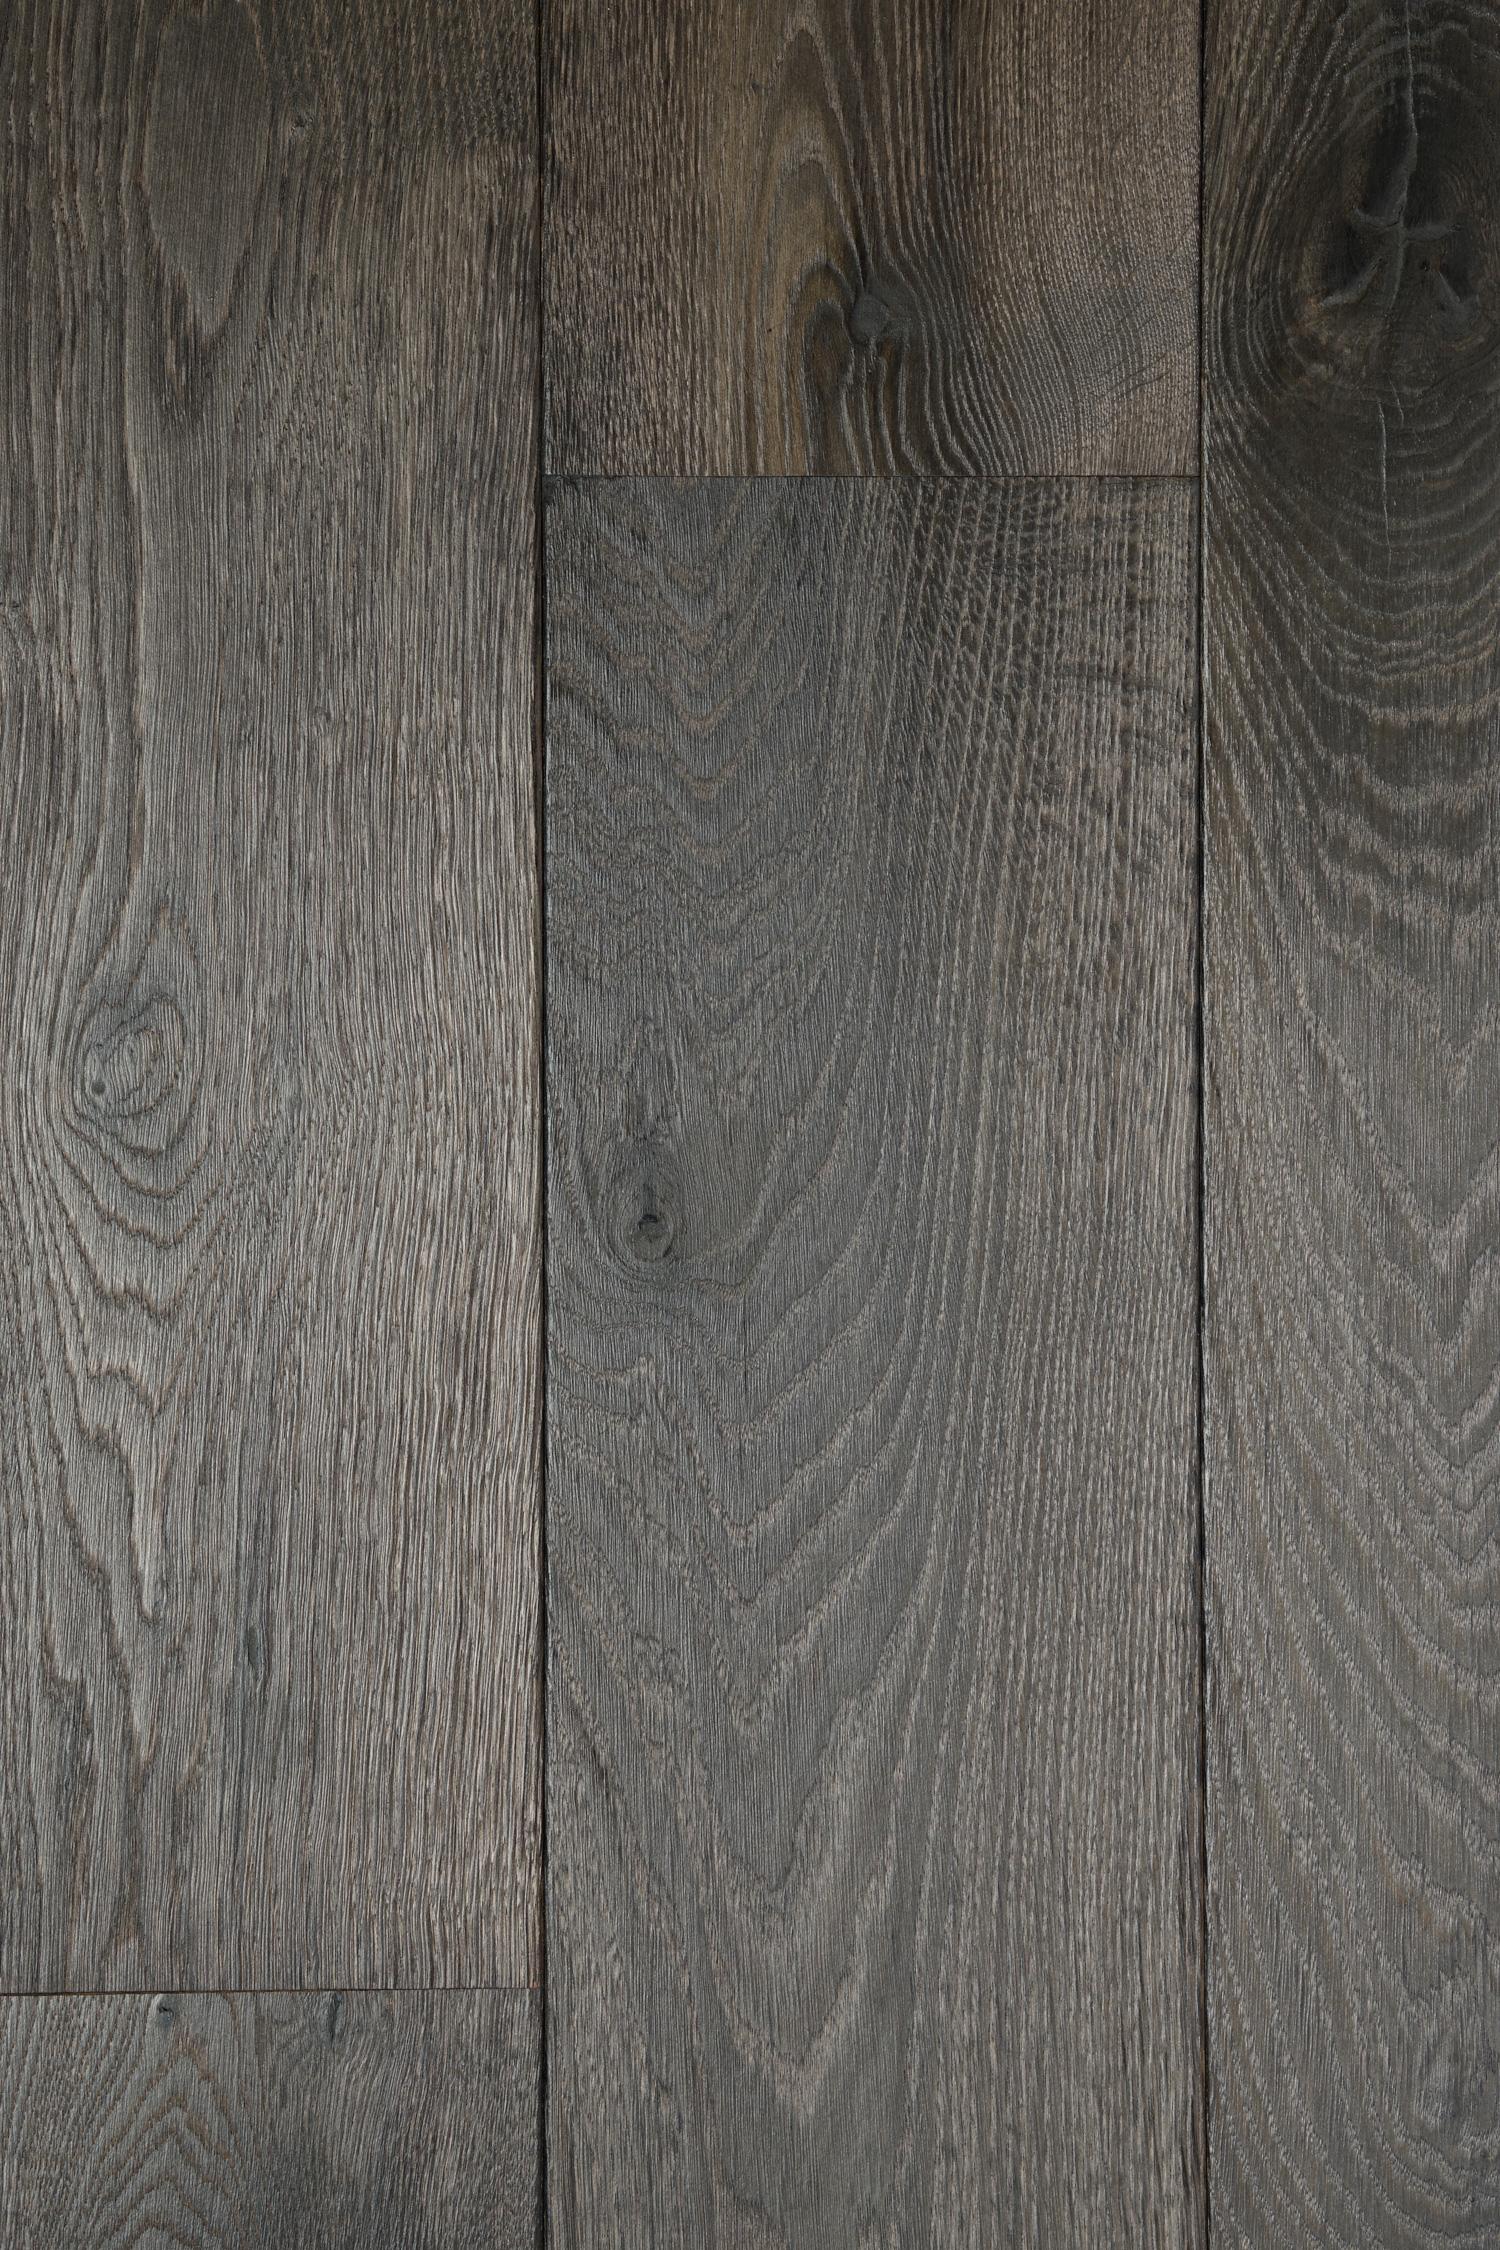 Oak magma fiji plank